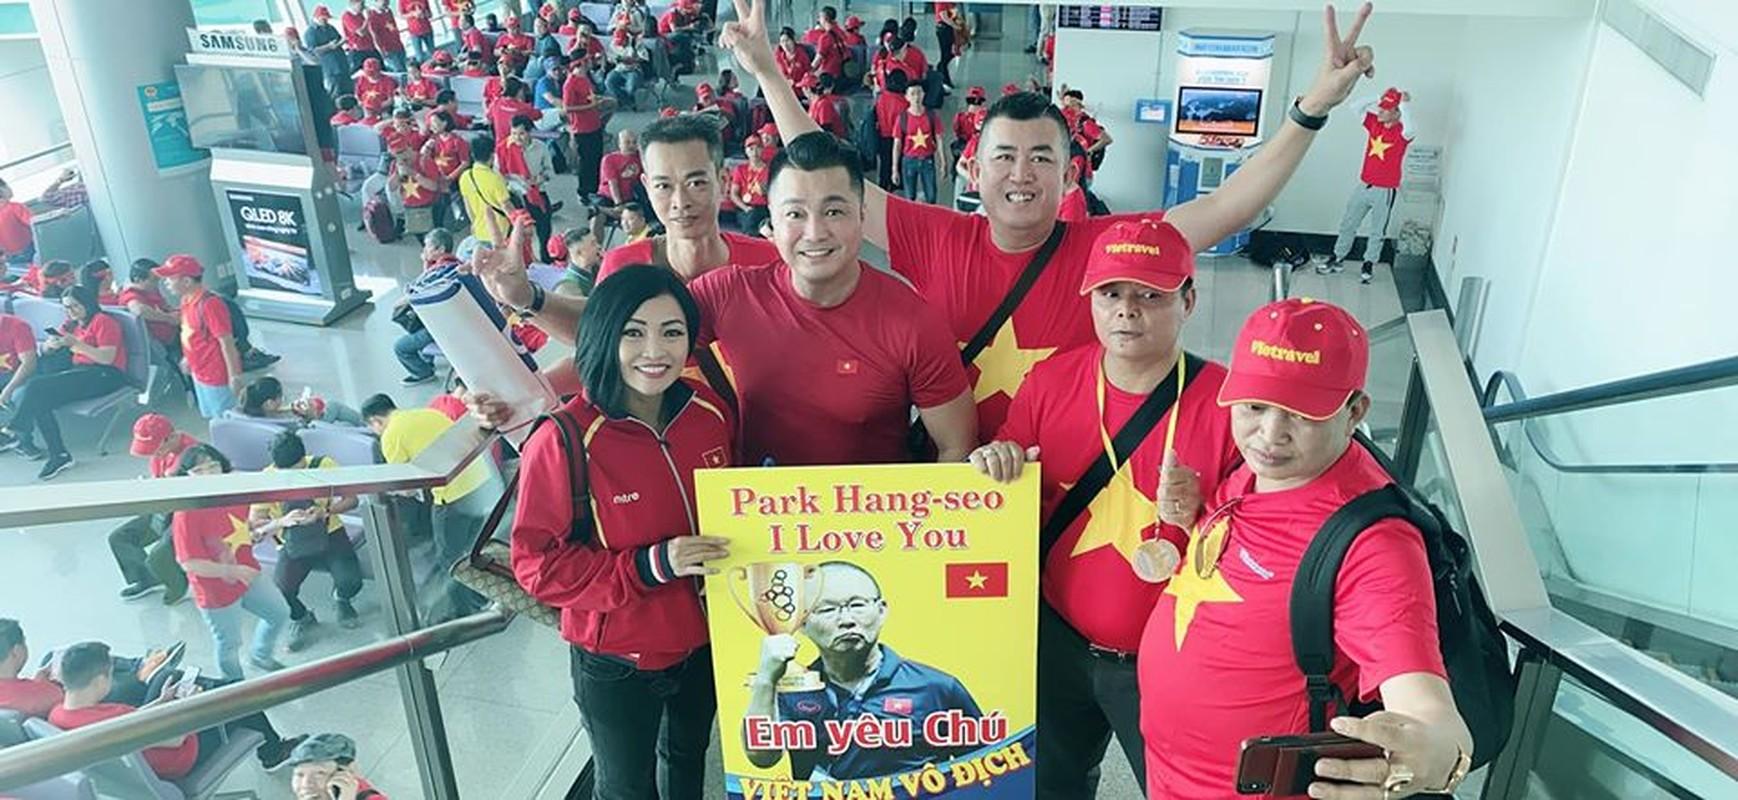 Phuong Thanh, Ly Hung mac ao co do sao vang sang Philippines ung ho U22 Viet Nam-Hinh-2